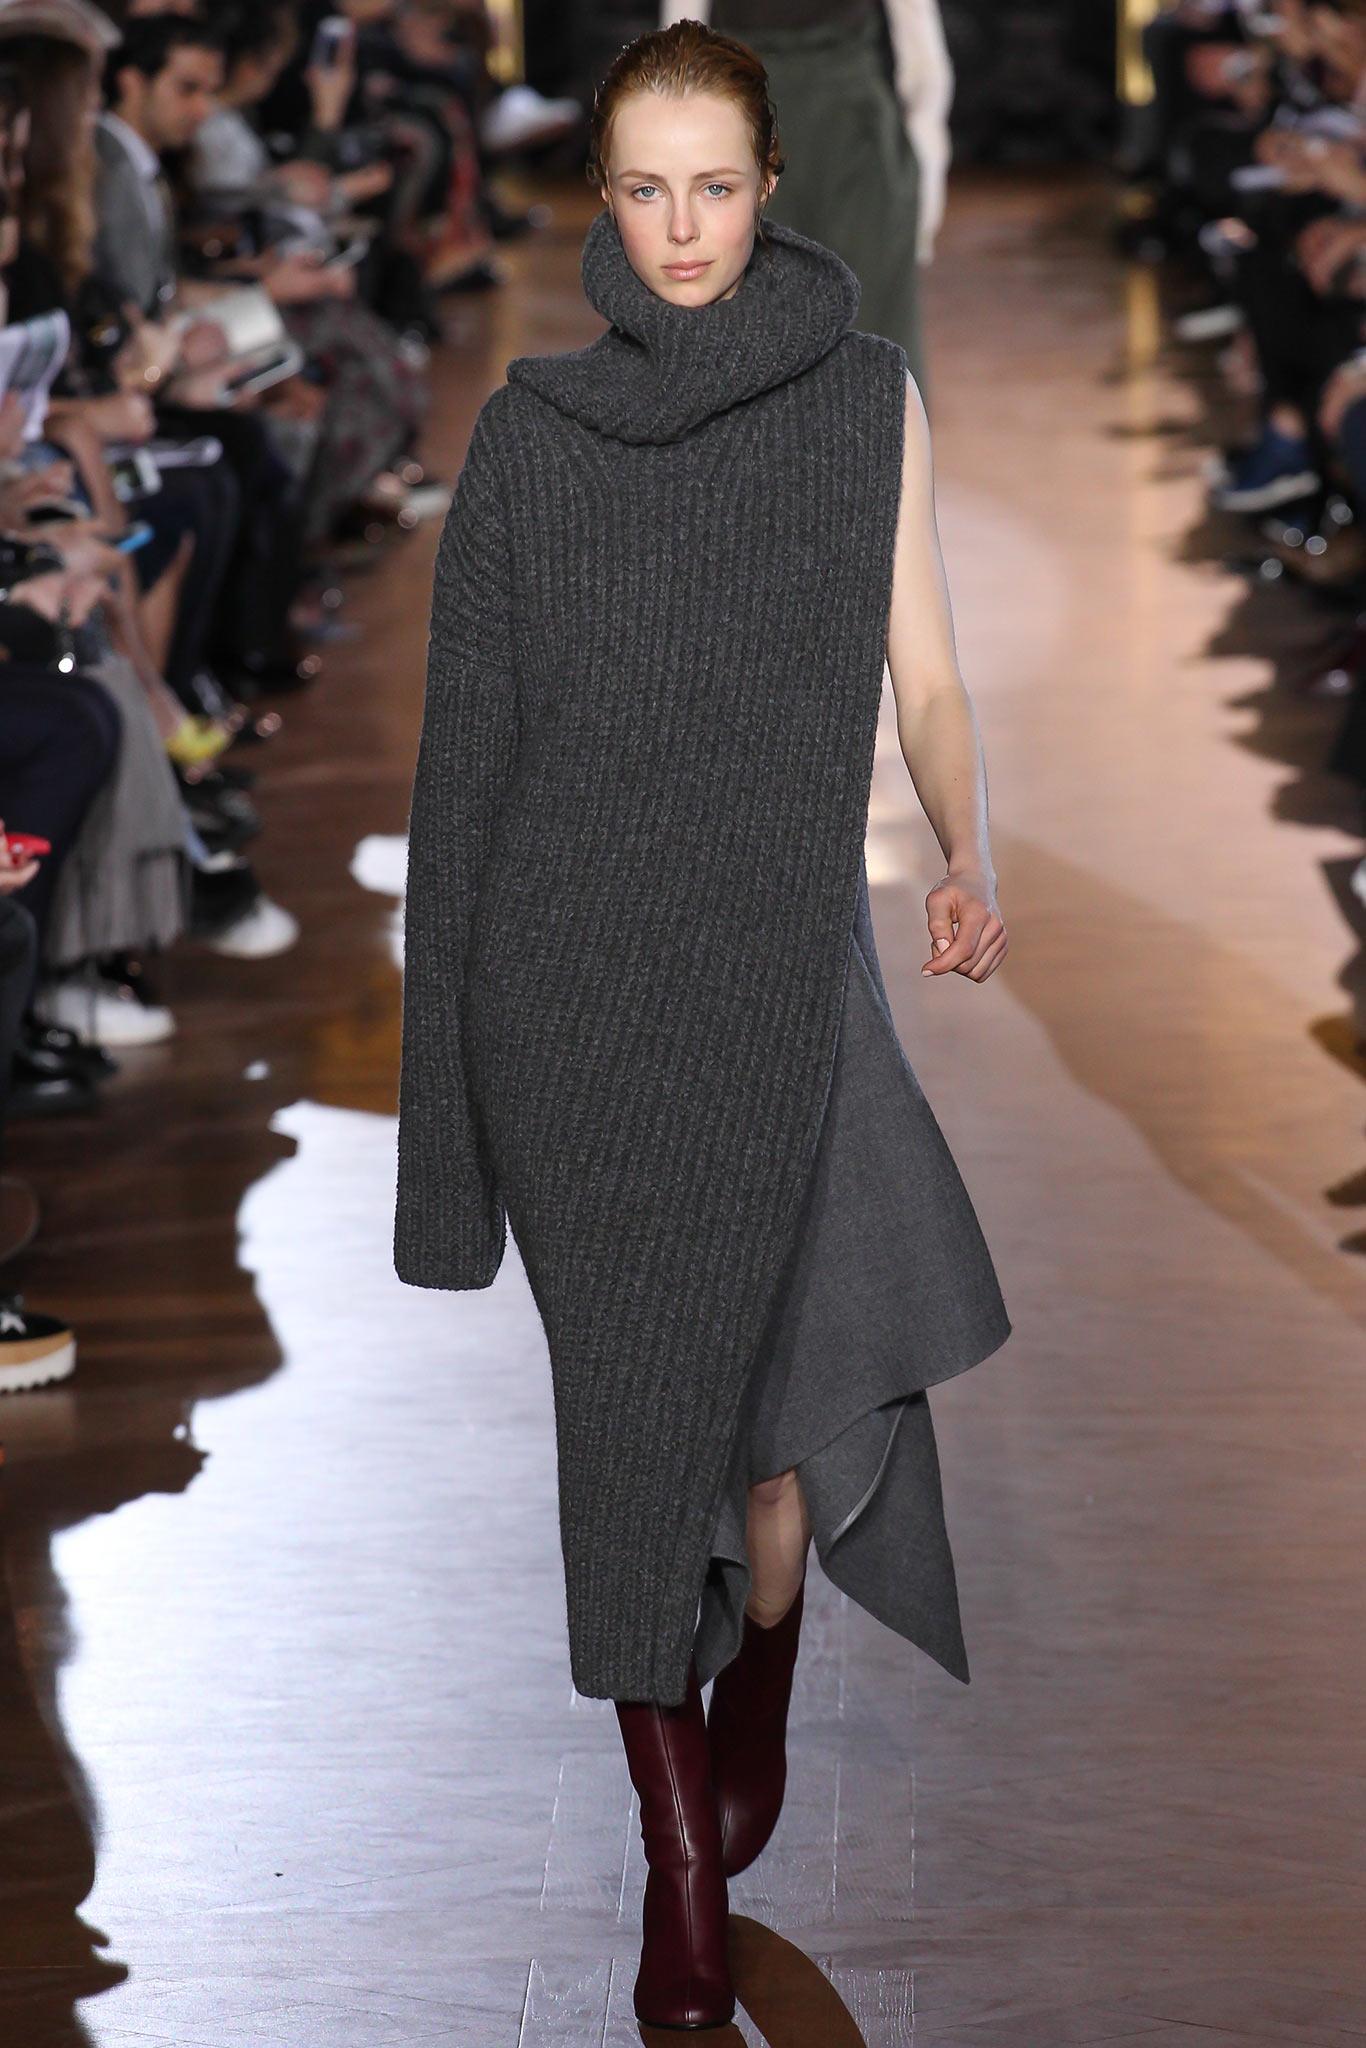 Stella Mccartney осень зима 20152016 Неделя моды в Париже: во что превращаются показы сегодня?